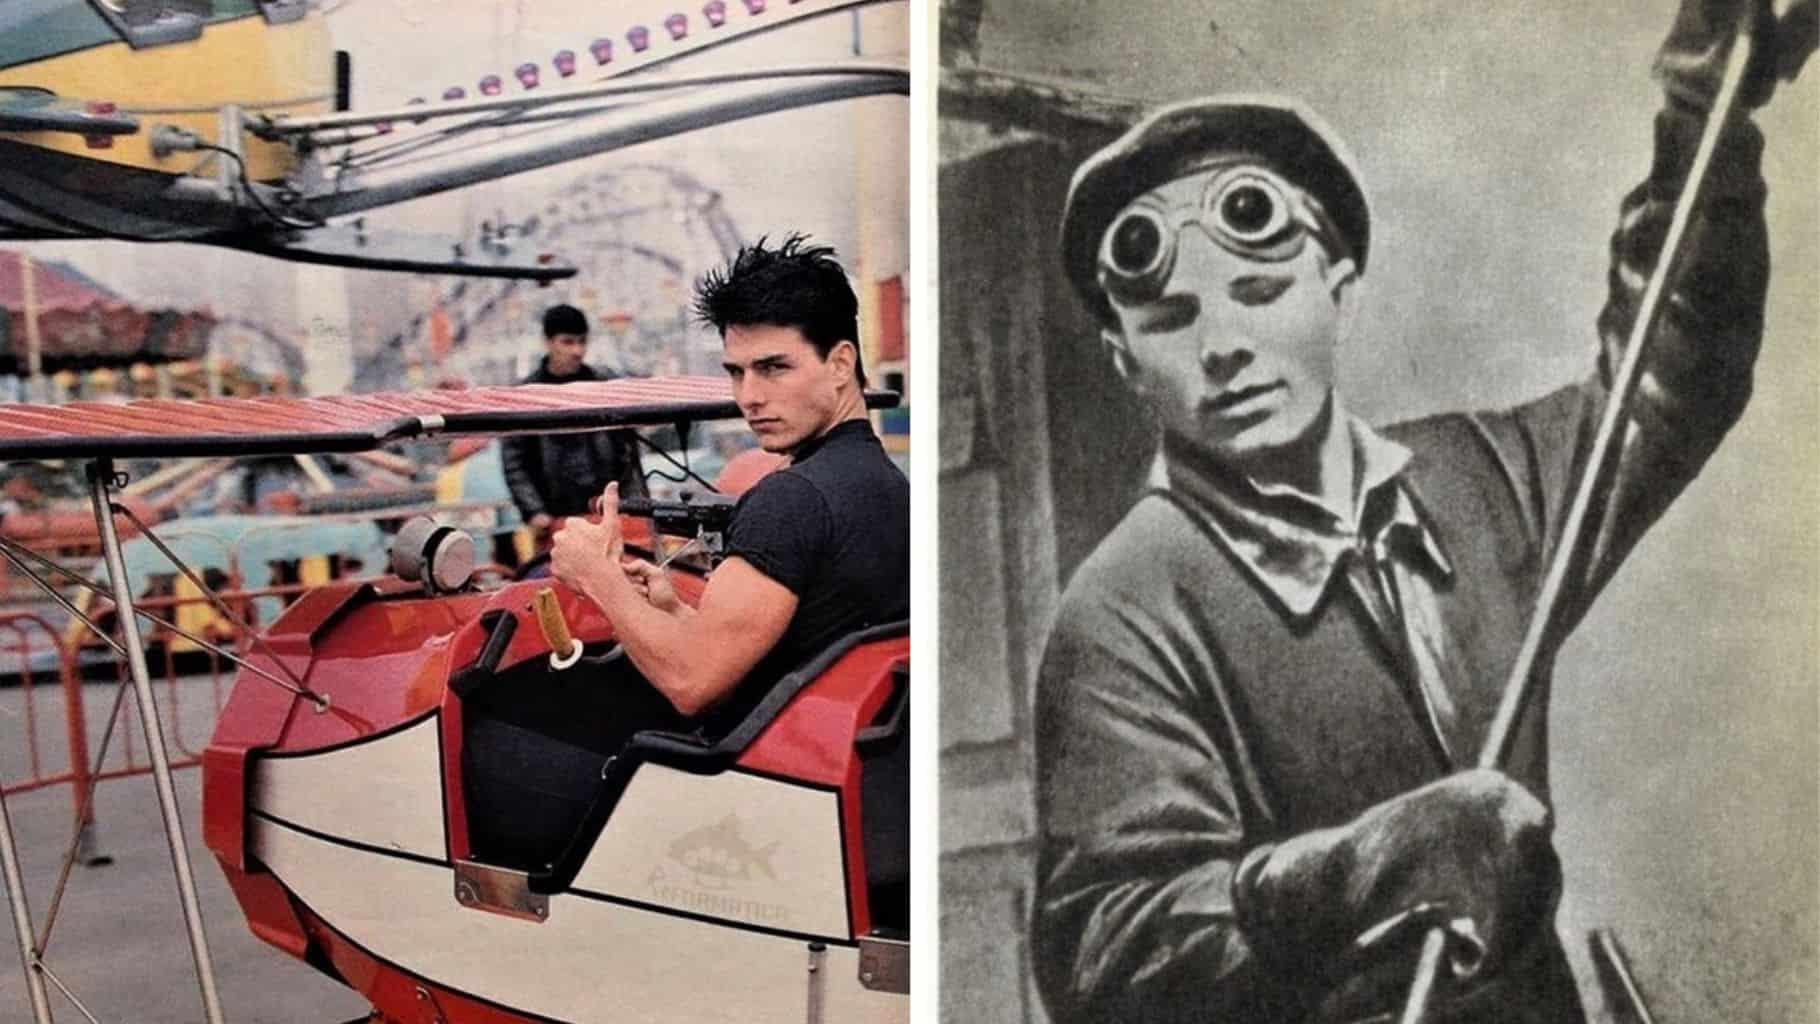 Том Круз на каруселях, а Гагарин в литейном цеху в нашей подборке ретро фотографий